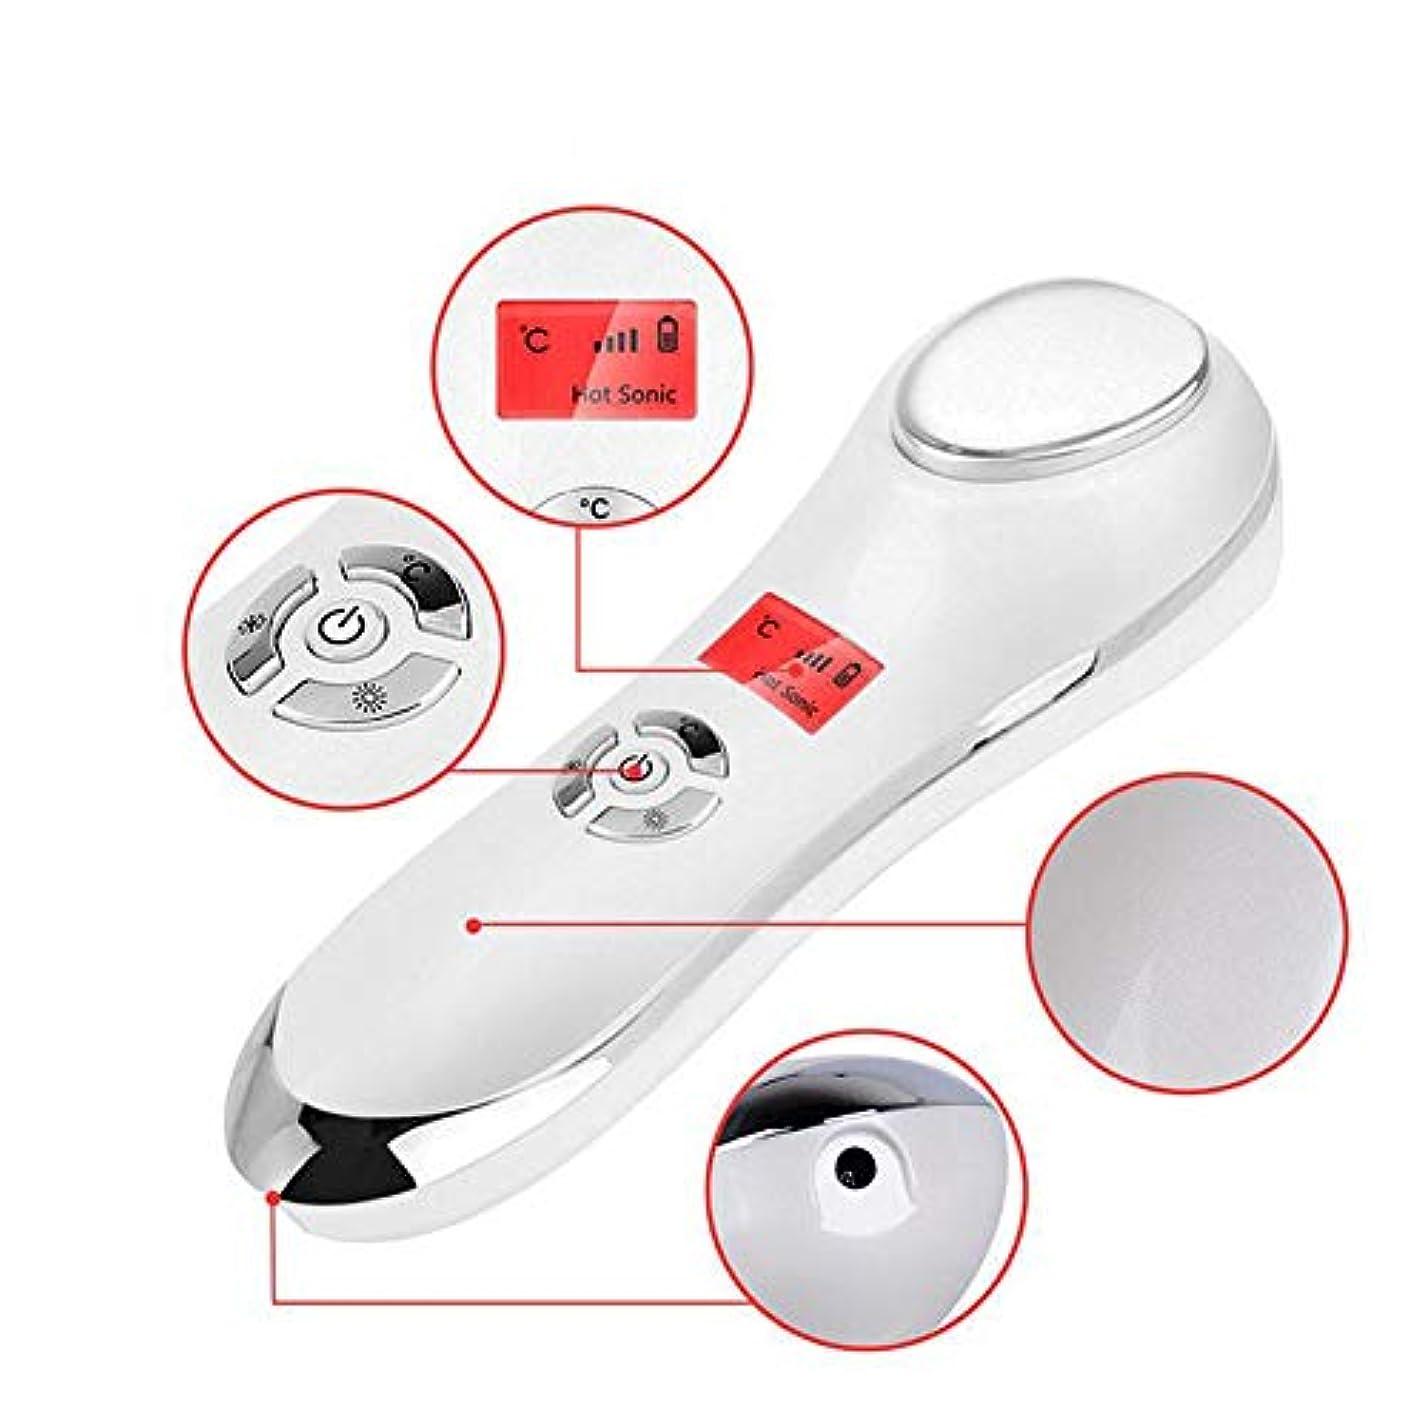 破滅サーフィン排他的赤色光の光子療法機ホット圧縮冷間隙ポア細孔振動マッサージ、しわを削除するために保湿女性の美白,White